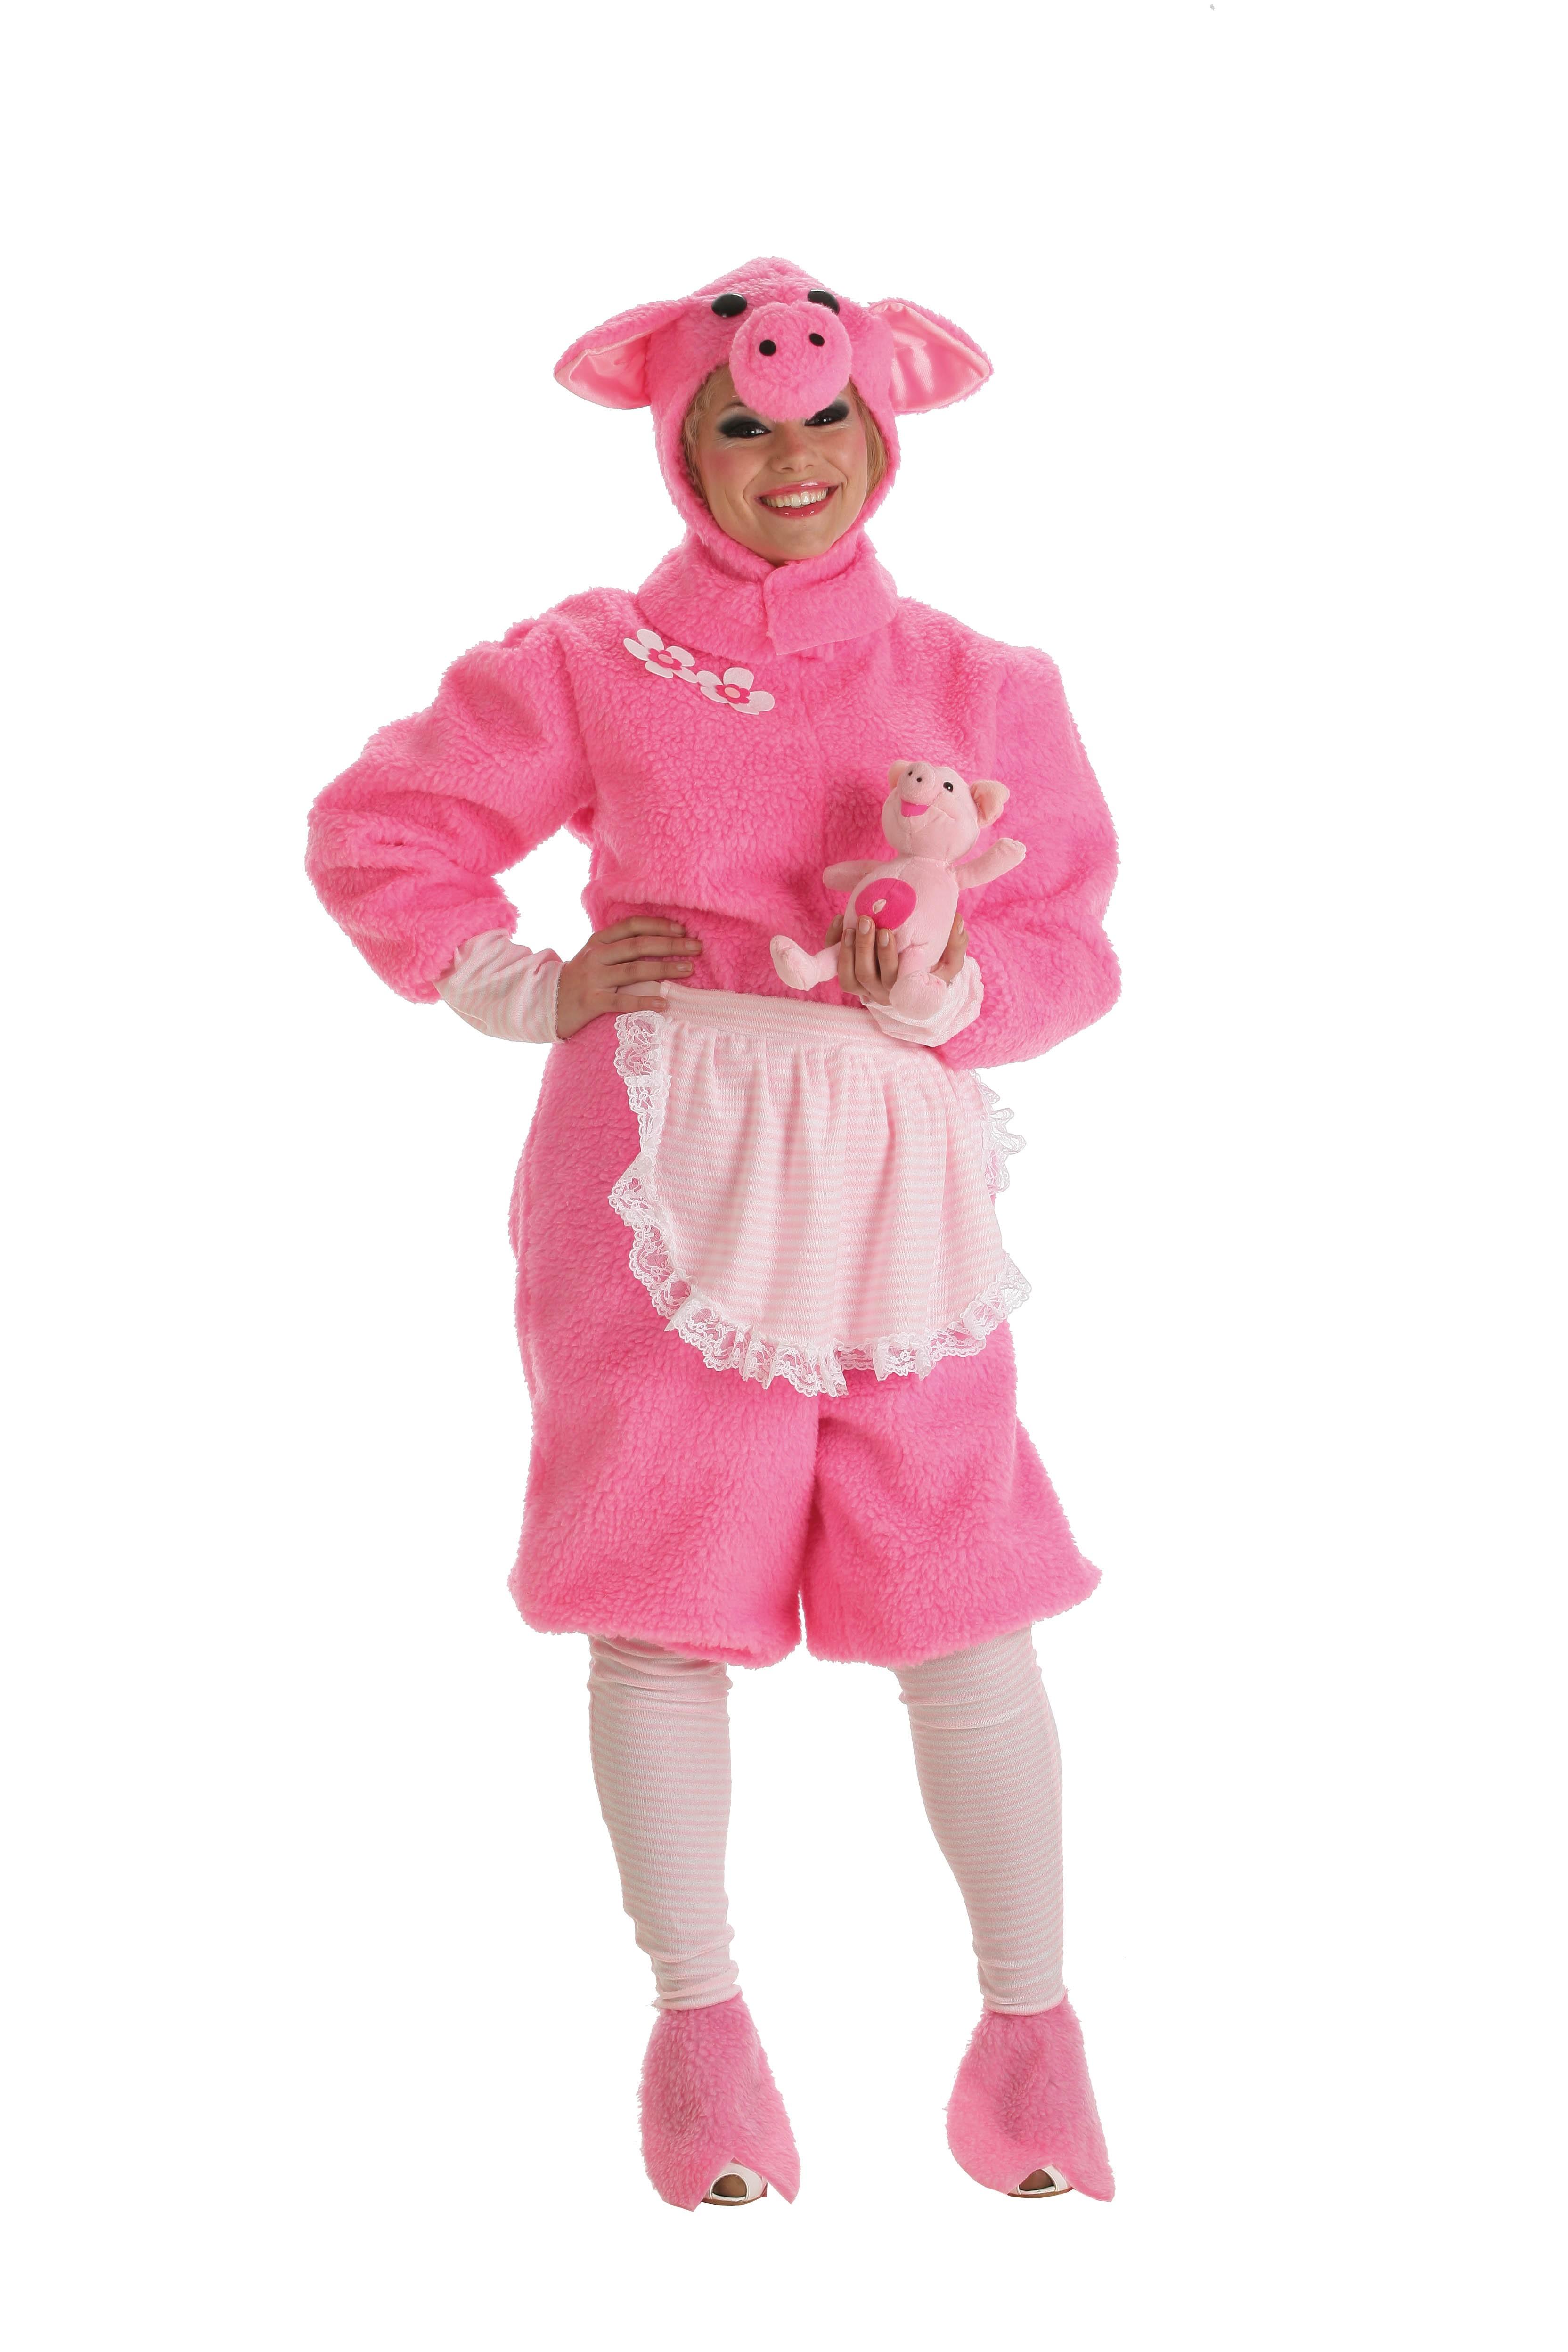 Disfraces para adultos y niños, tienda online - MiDisfraz.com